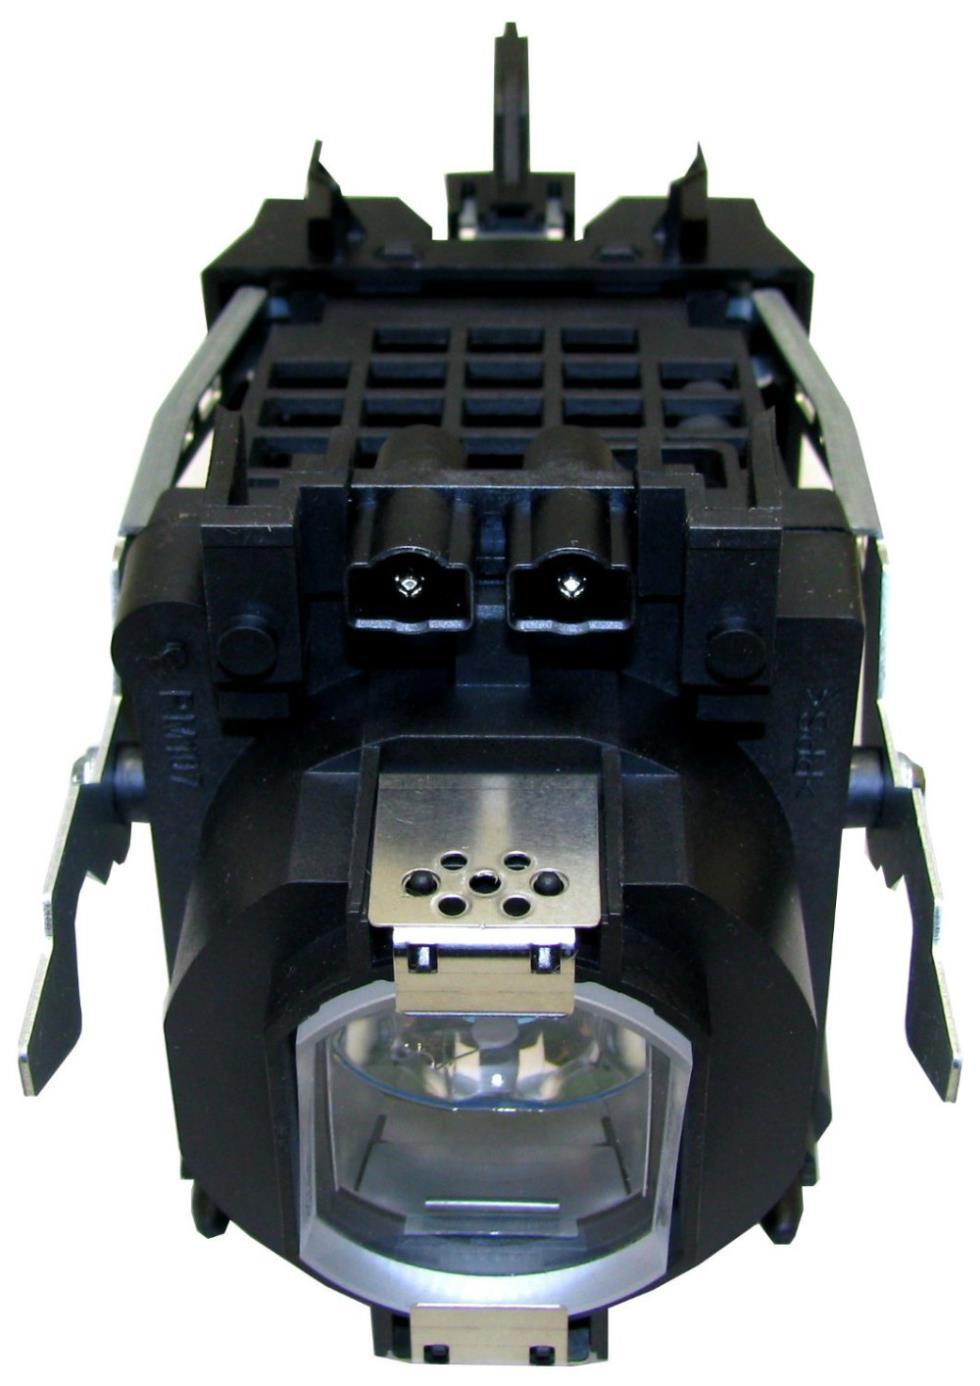 XL2400 XL-2400 lamp for Sony TV KDF-50E2000 KDF-E50A12 KDF-42E2000 KDF-42E200 KDF-42E200A 50E2010 KDF-55E200A Projector Bulb<br><br>Aliexpress